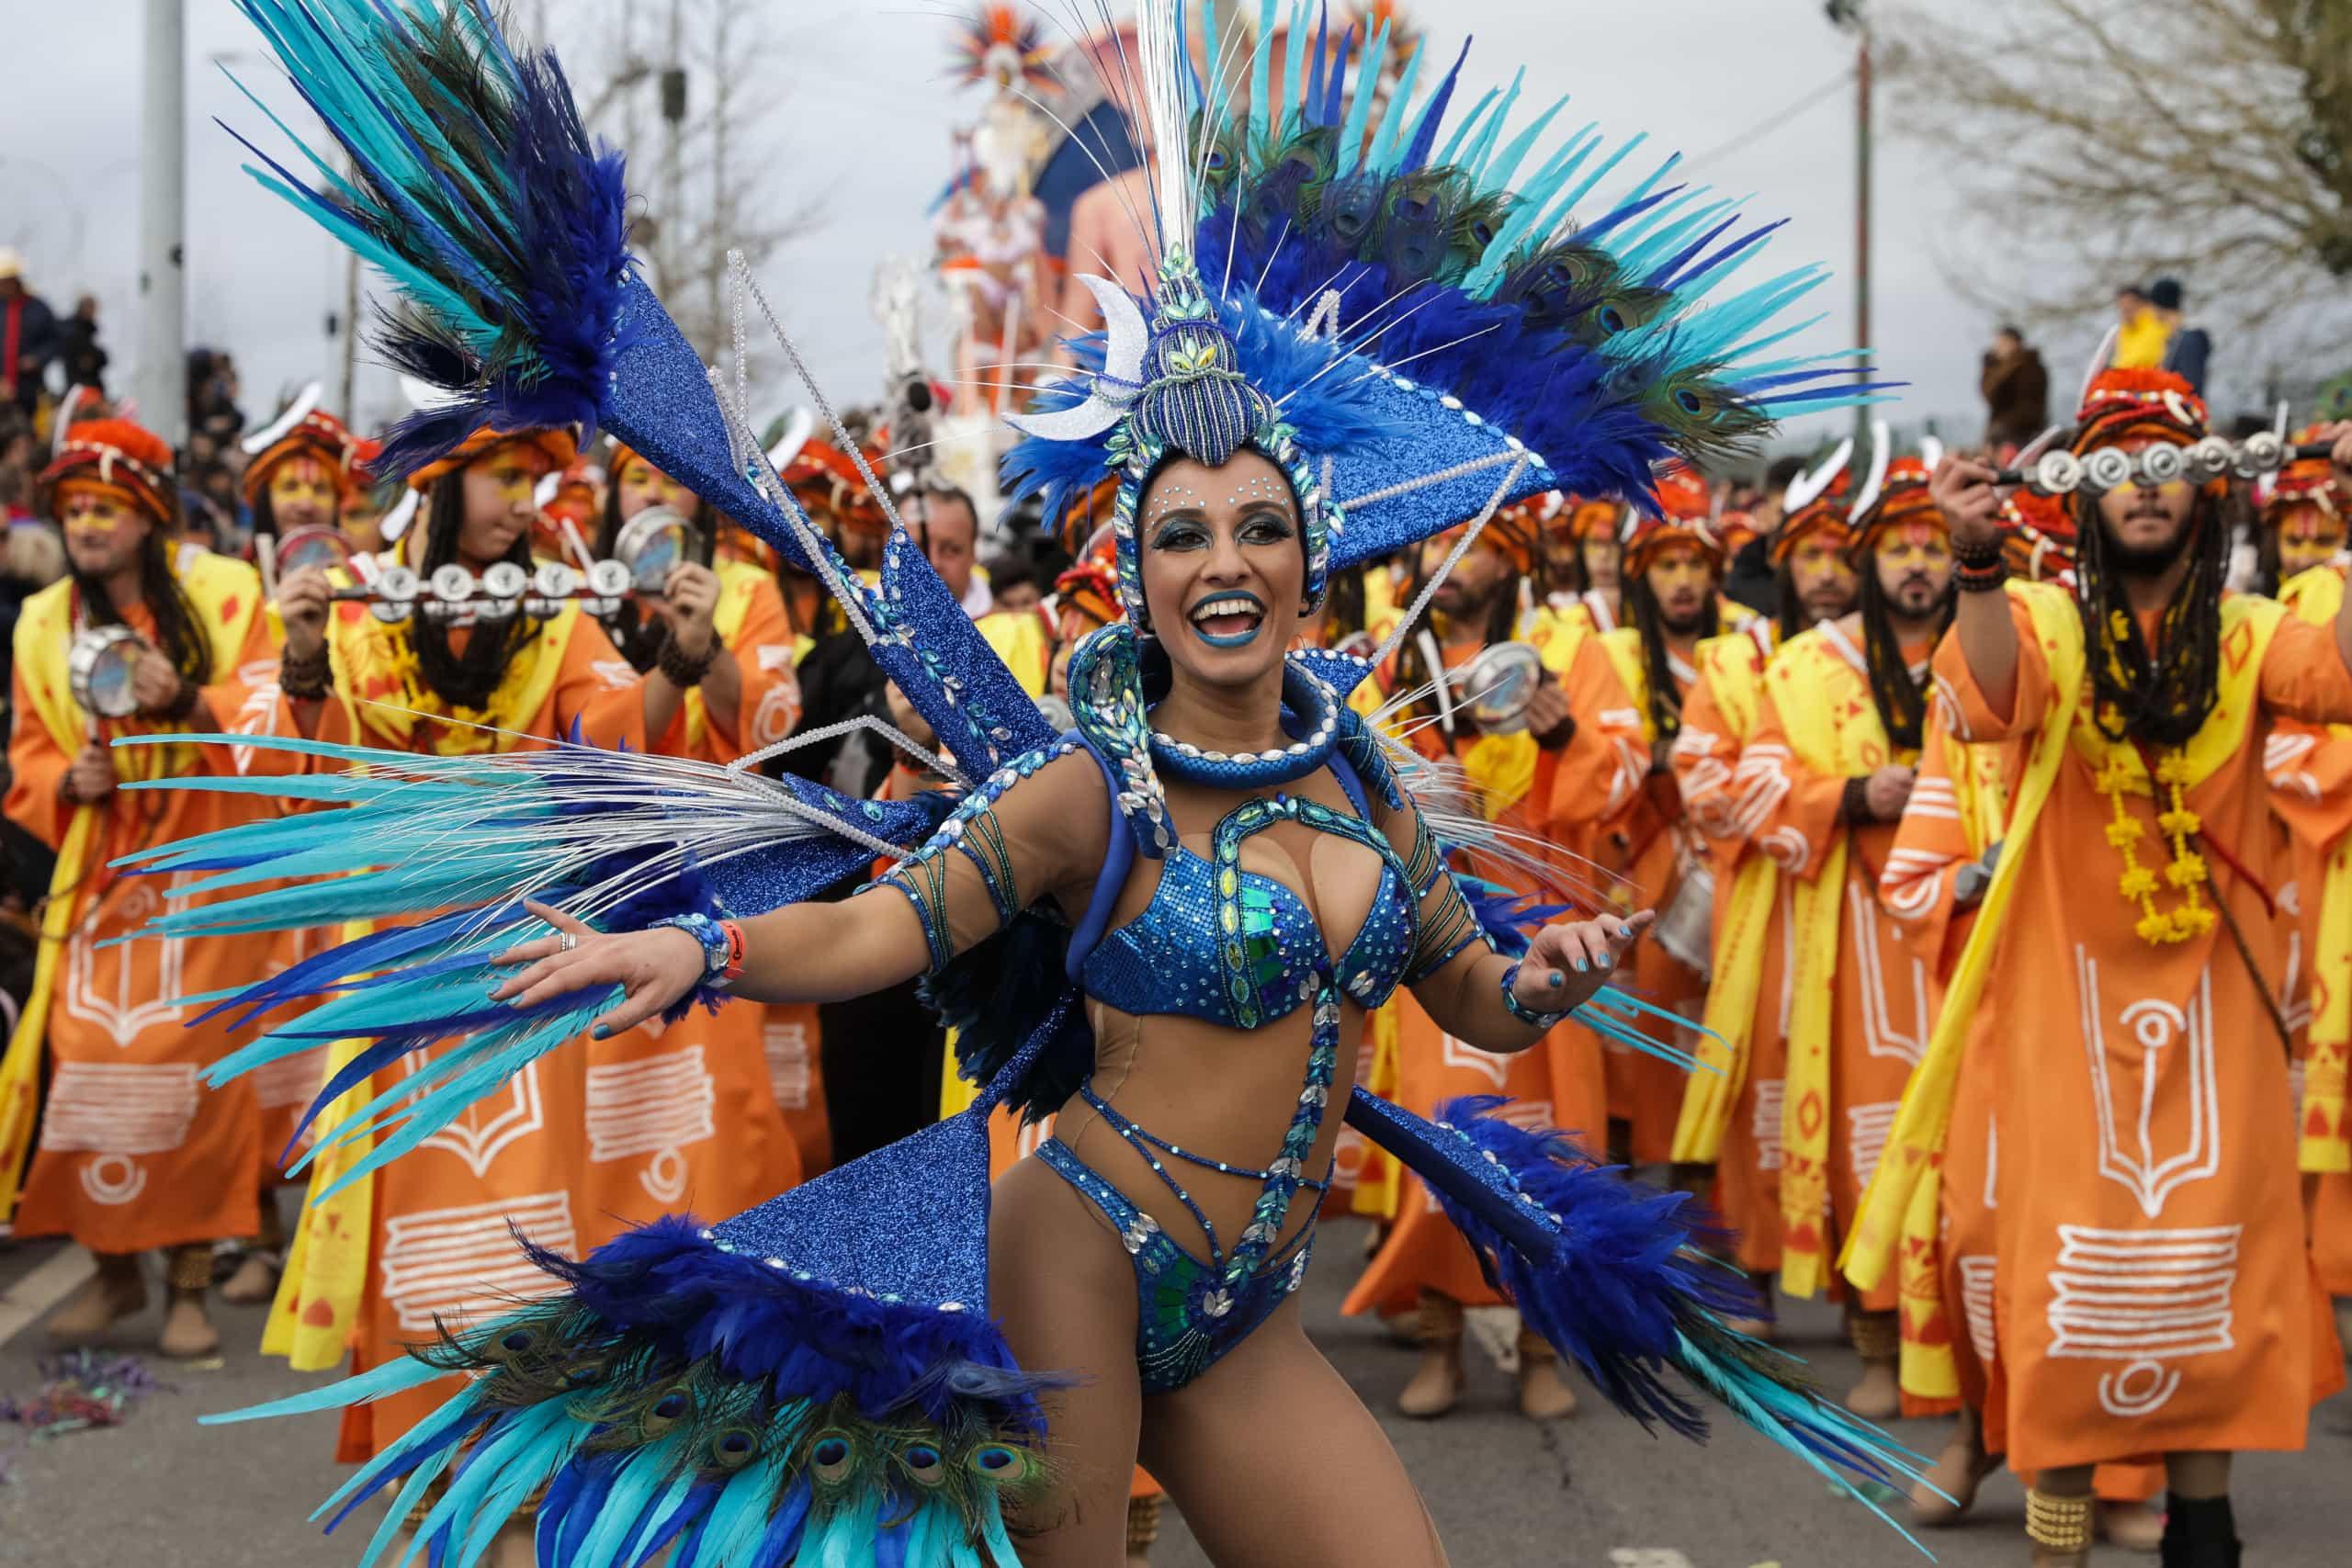 Carnaval de Ovar passou a combinar folia com preocupação ambiental